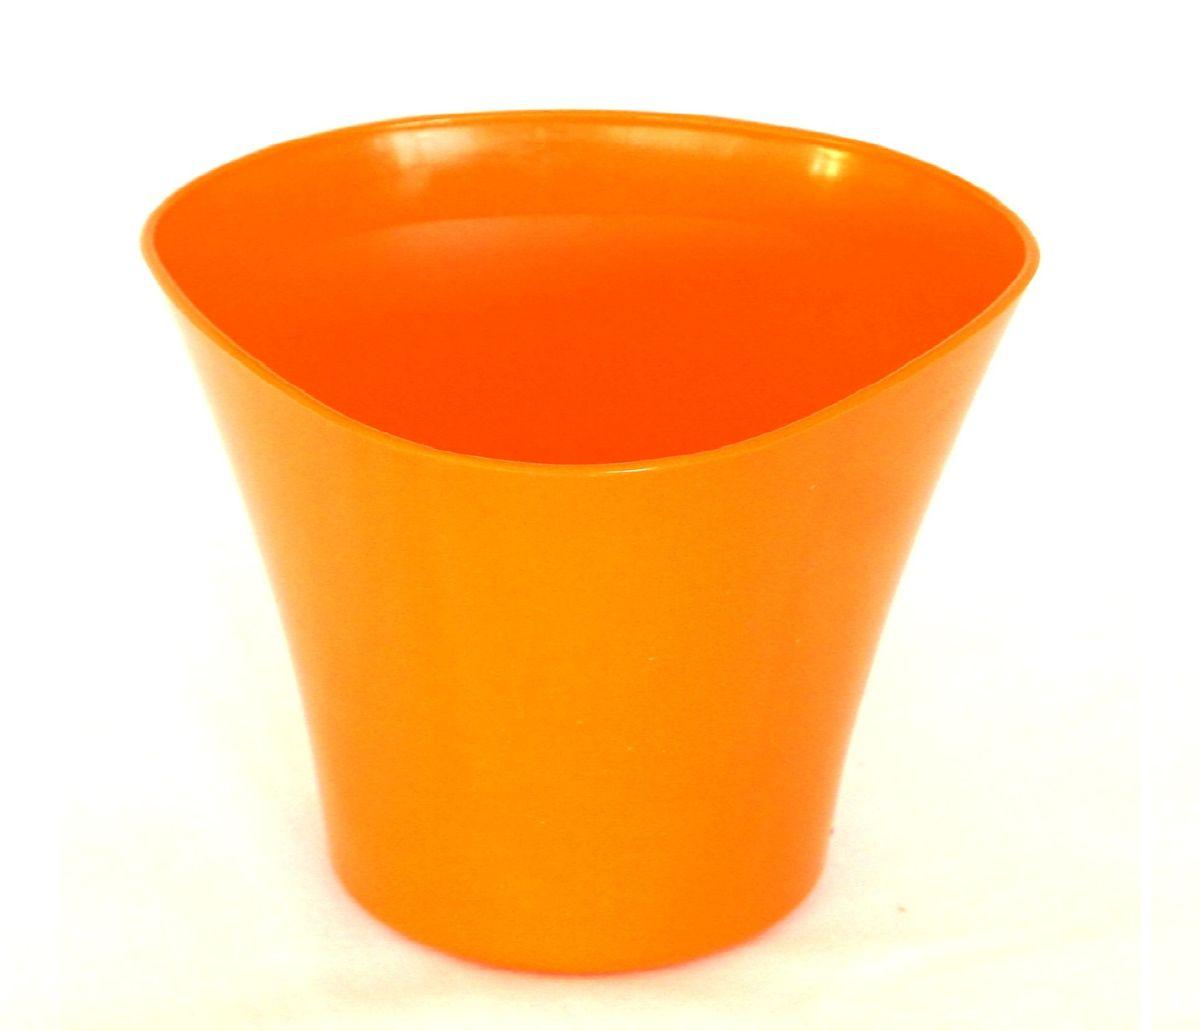 Кашпо JetPlast Волна, цвет: оранжевый, 600 мл531-402Кашпо Волна имеет уникальную форму, сочетающуюся как с классическим, так и с современным дизайном интерьера. Оно изготовлено из прочного полипропилена (пластика) и предназначено для выращивания растений, цветов и трав в домашних условиях. Такое кашпо порадует вас функциональностью, а благодаря лаконичному дизайну впишется в любой интерьер помещения. Объем кашпо: 600 мл.